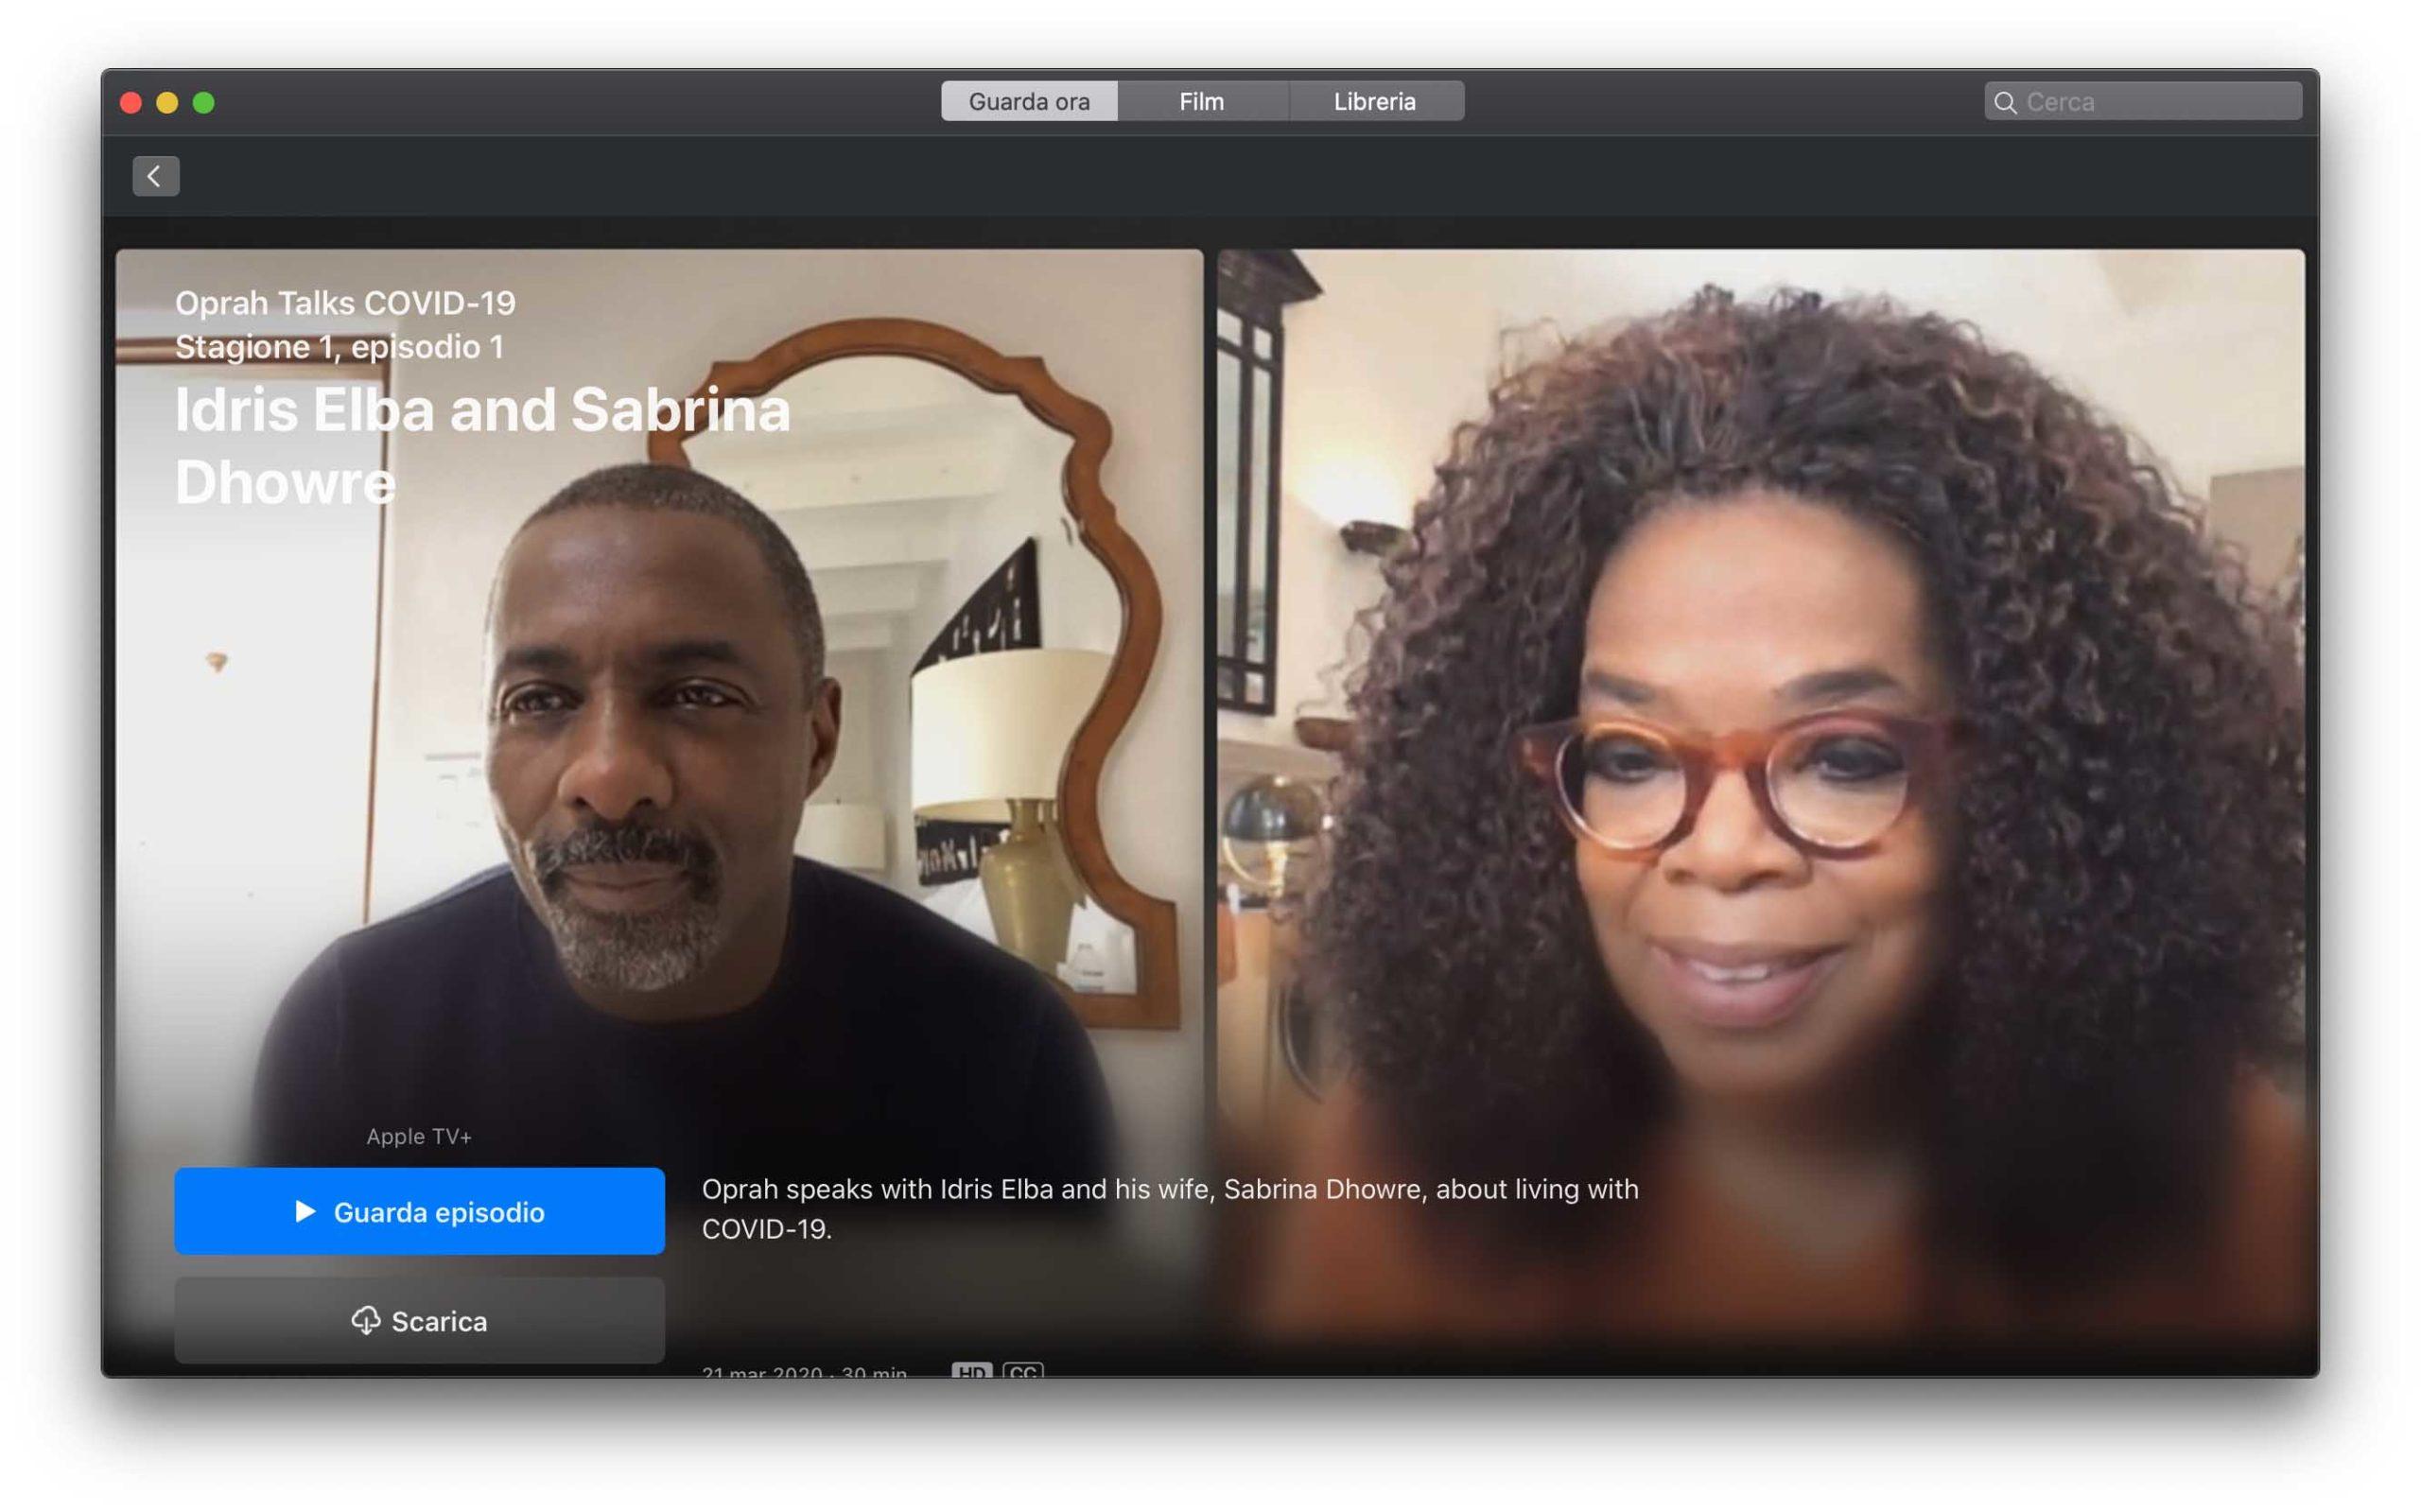 Su AppleTV+ una programma di Oprah Winfrey che parla di COVID-19